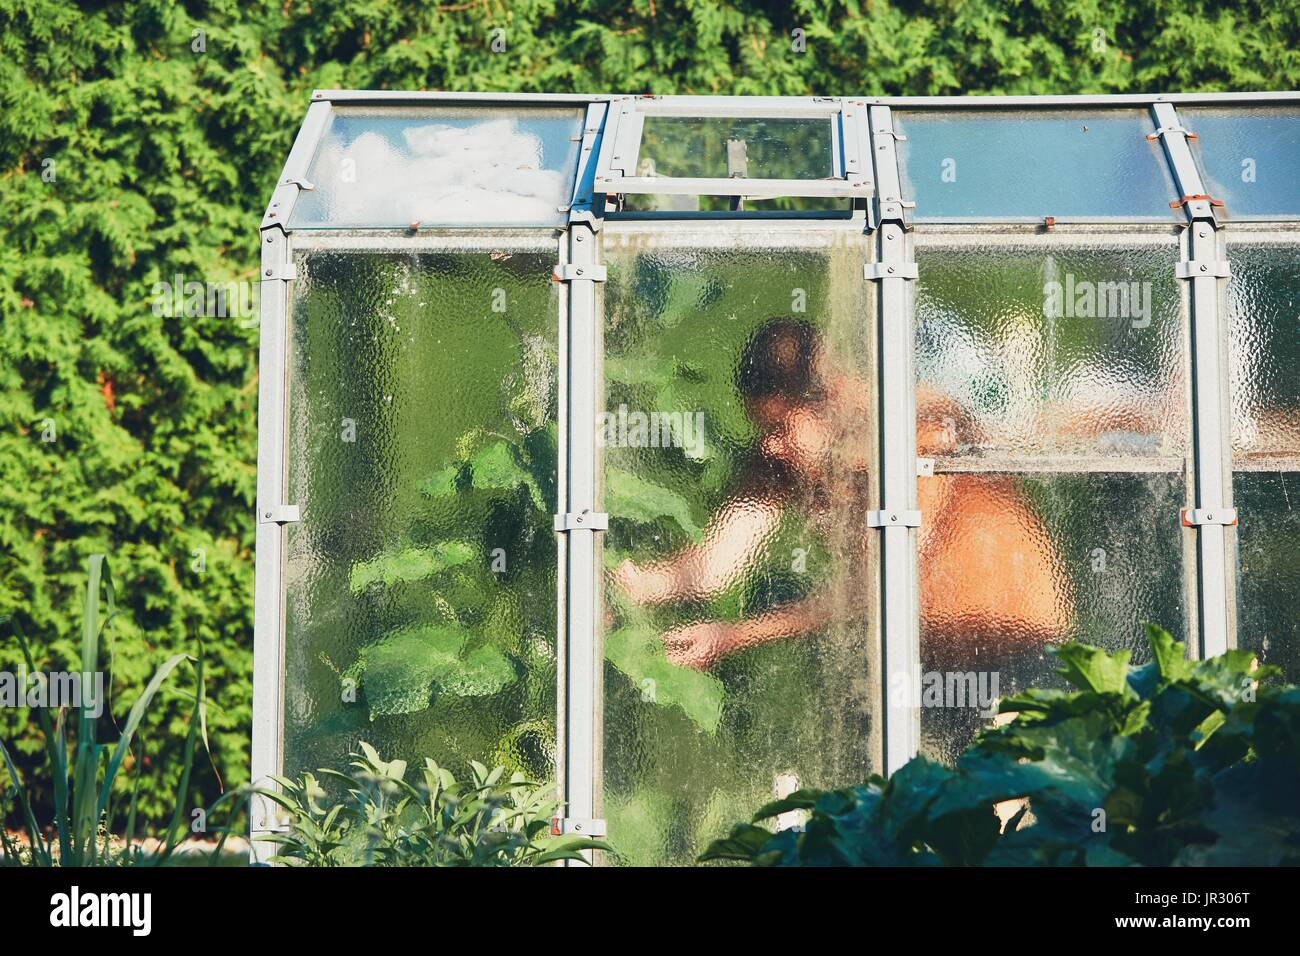 Lavorare sull'orto. Giardiniere all'interno della serra. Foto Stock